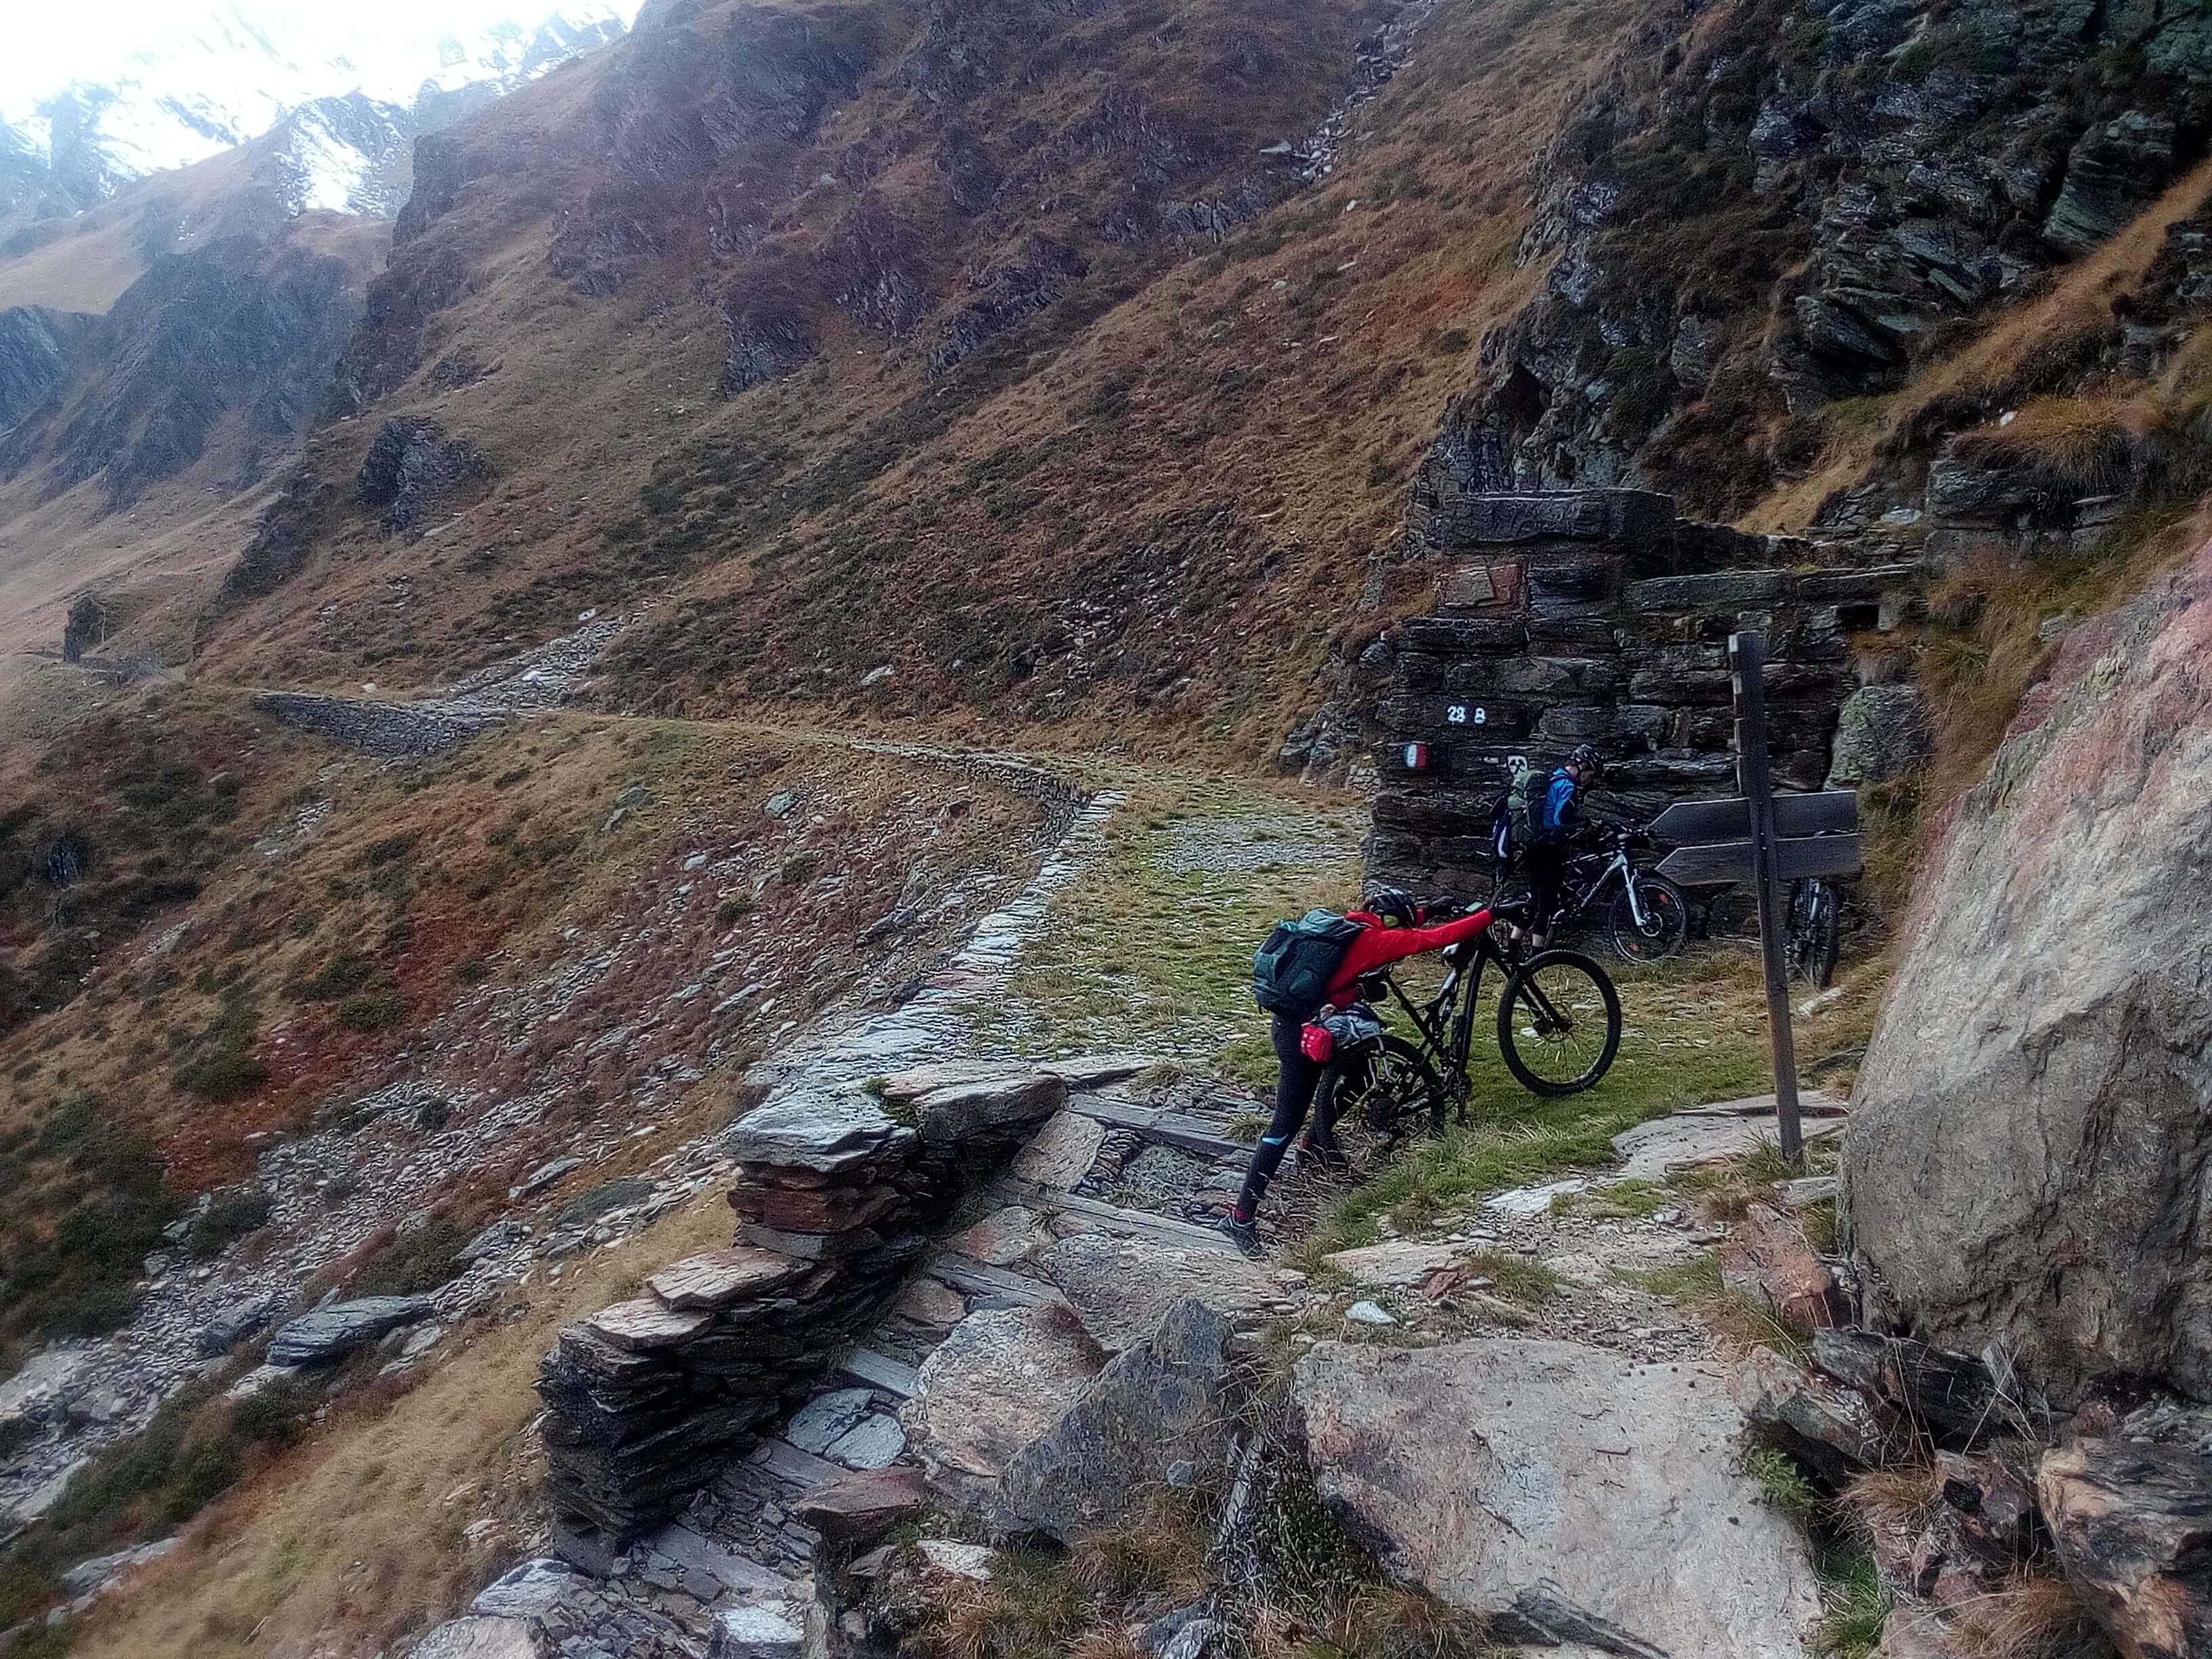 Alpencross-Abschnitt mit extremer Steigung